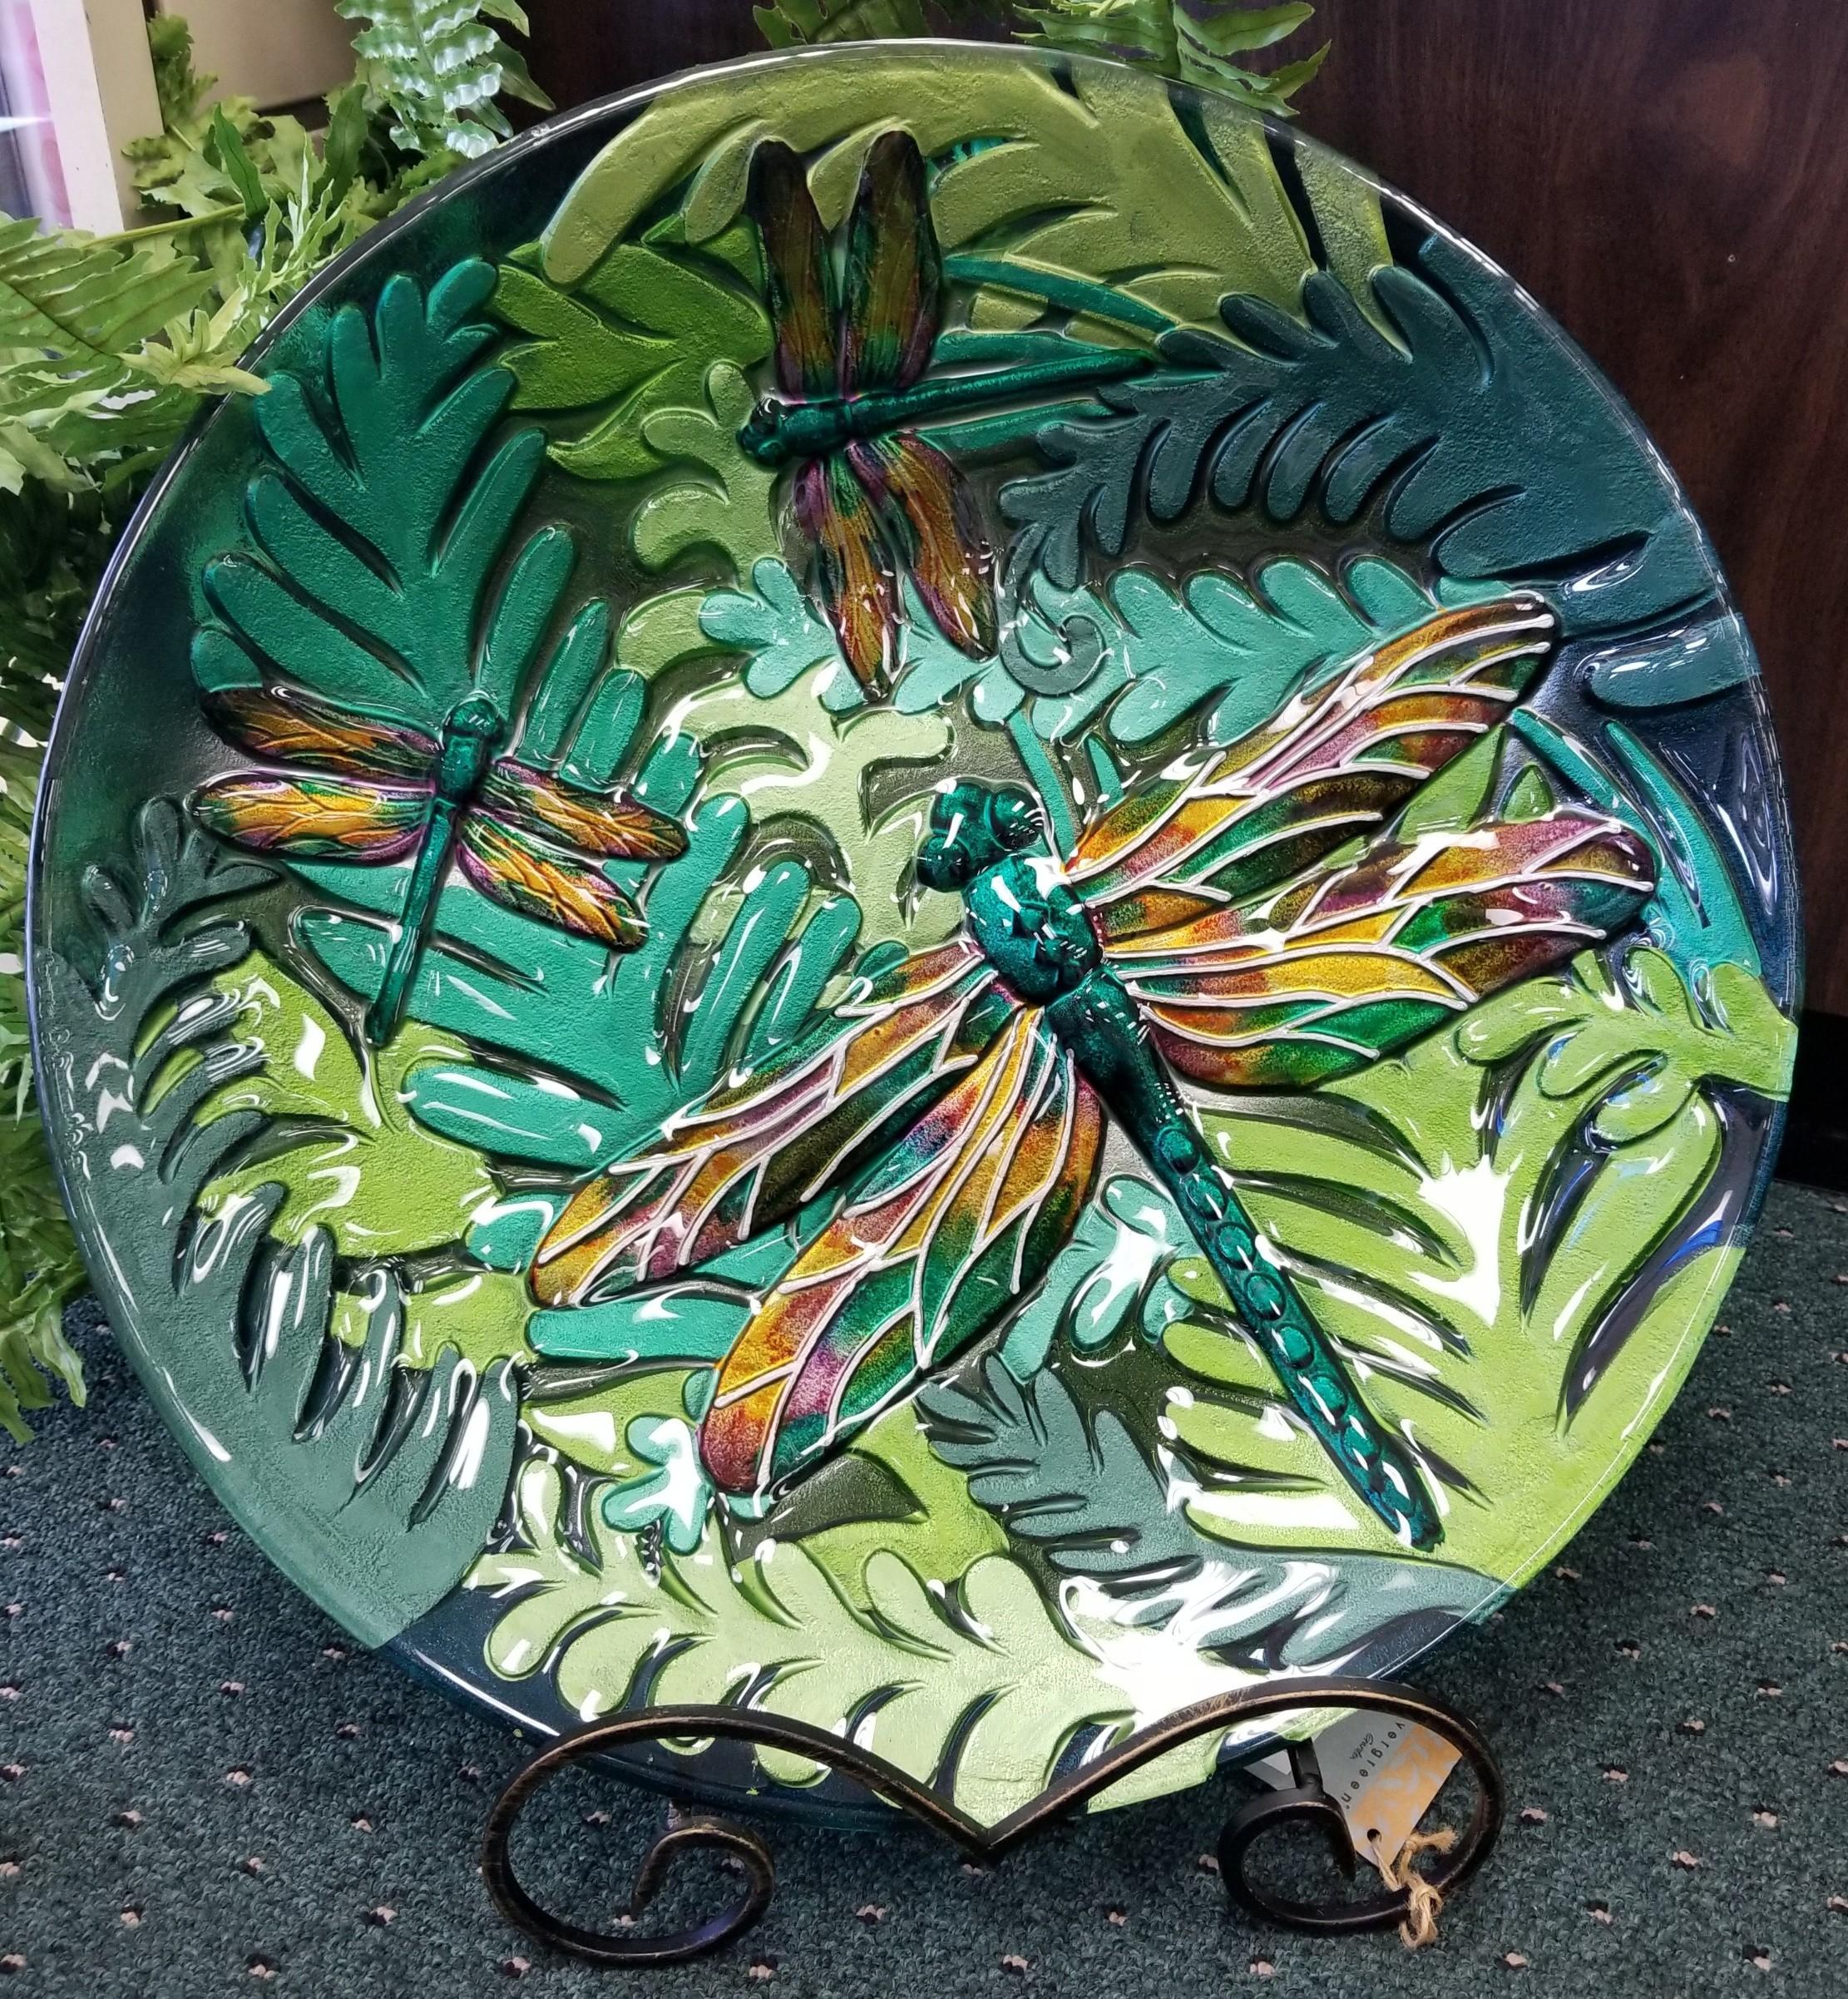 bird bath, garden, dragonfly, glass, yard art, food safe, foliage, spring